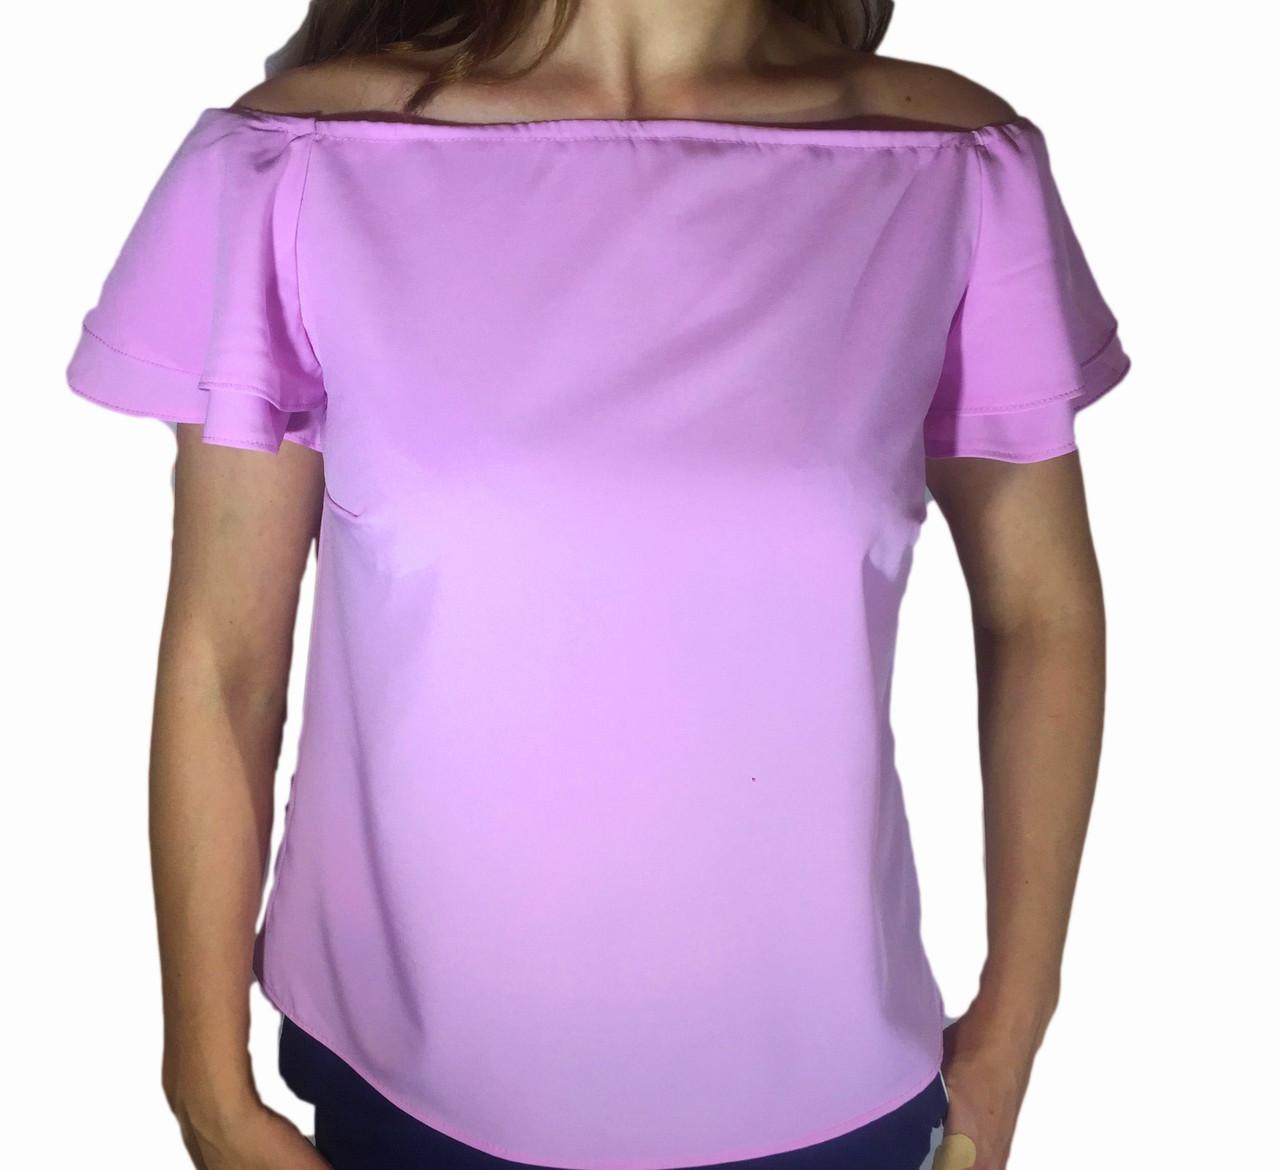 Женская блузка с воланом на рукаве сиреневая